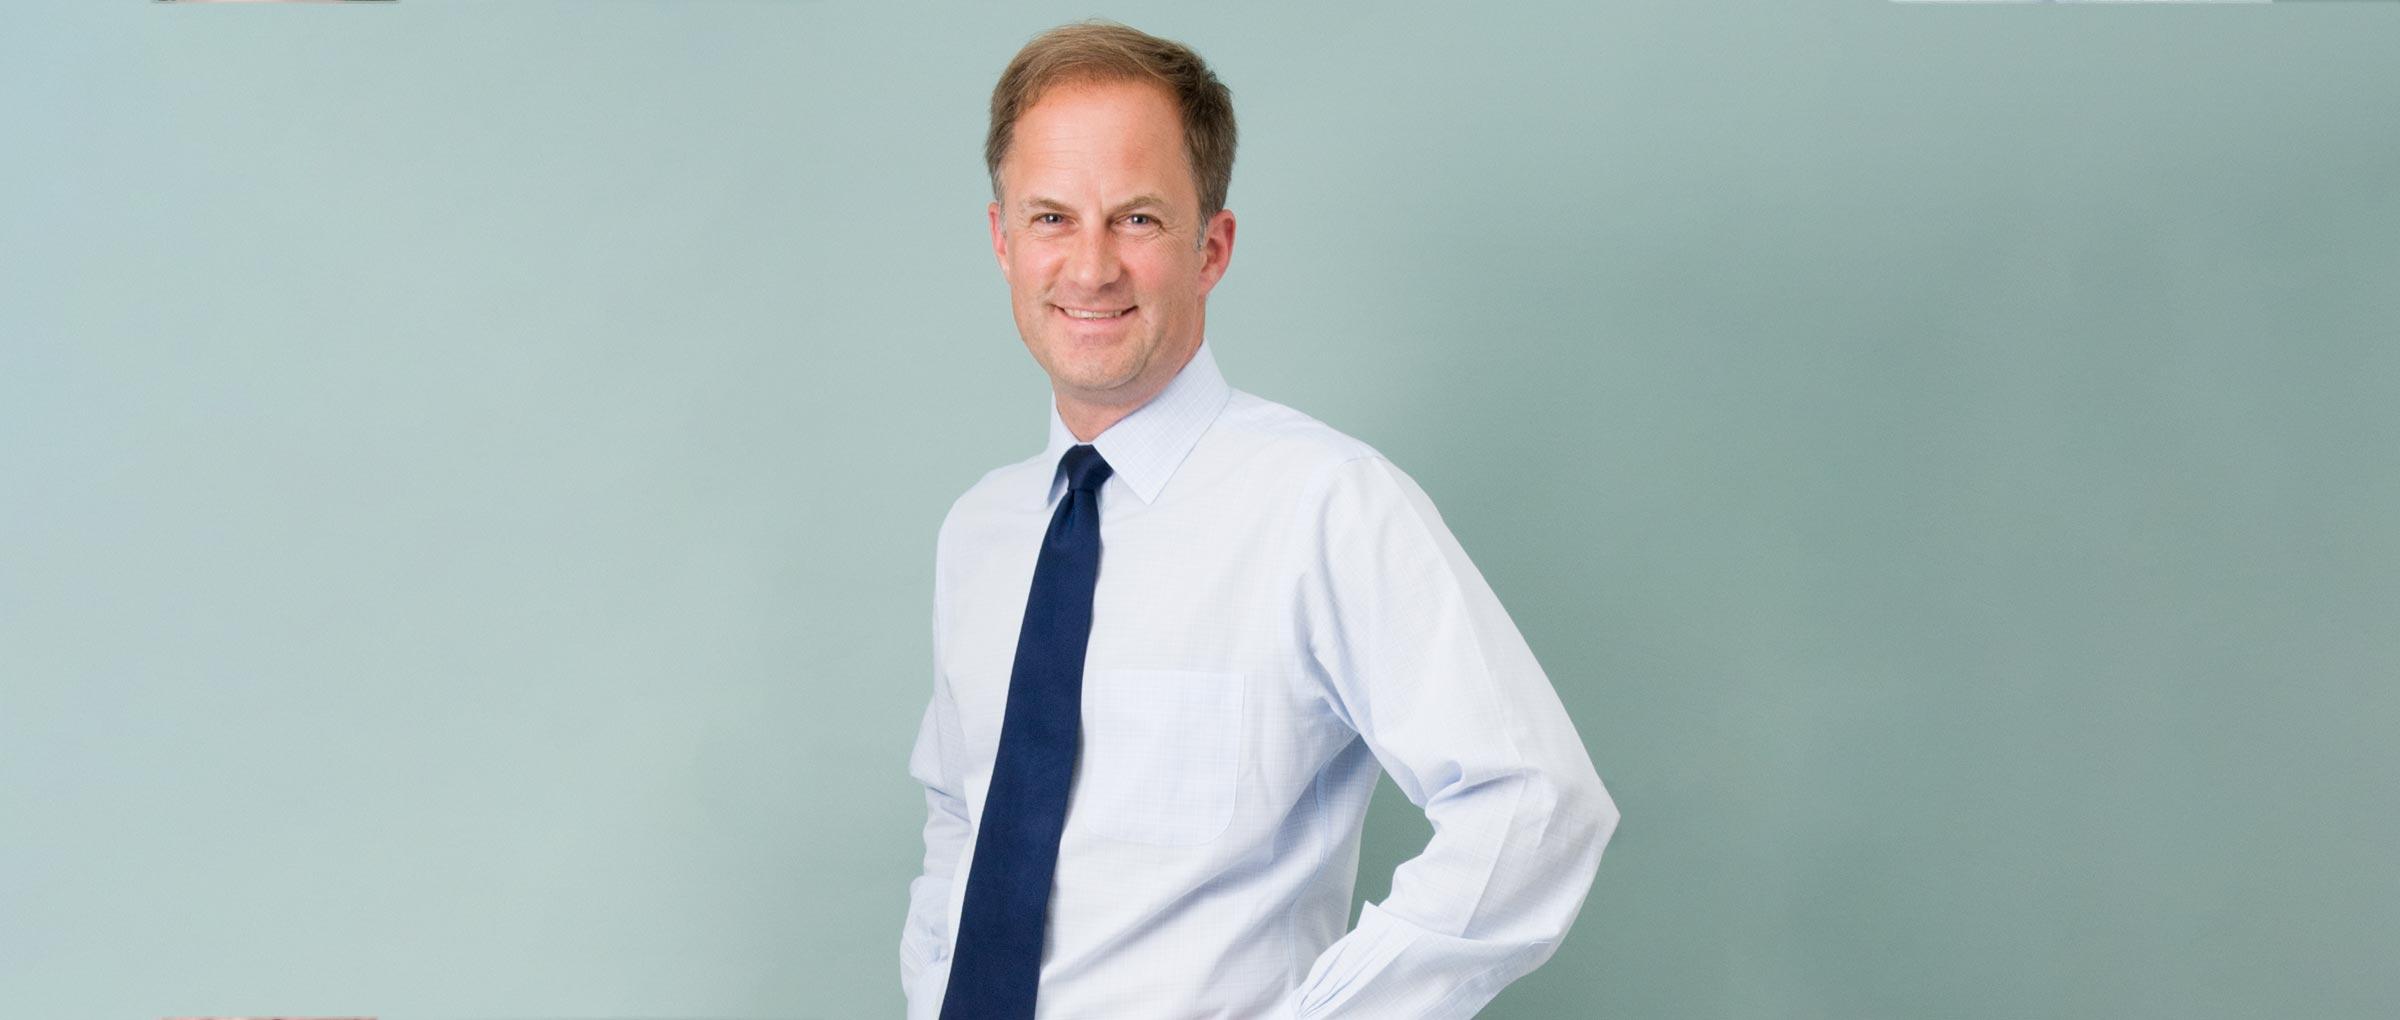 ORM Dr. Brandon Bankowski